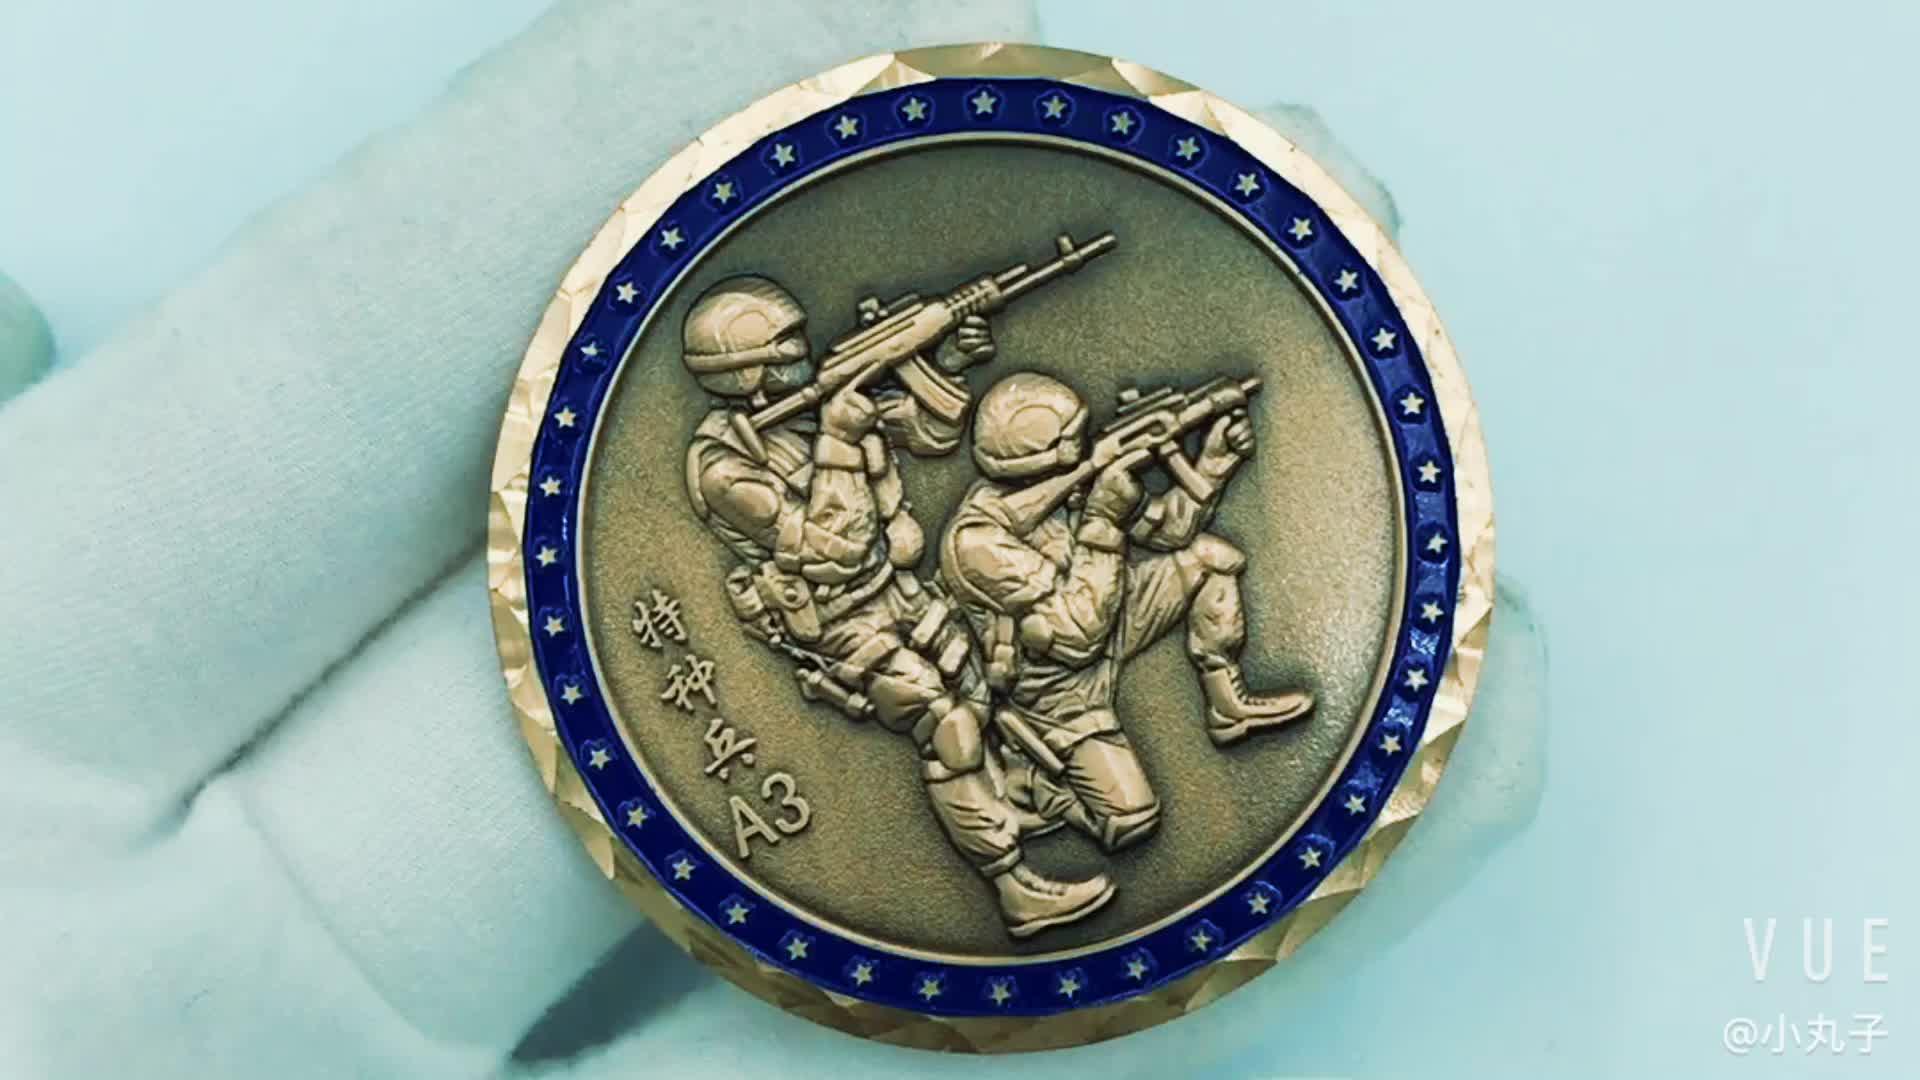 맞춤 양면 이미지 동전 아연 합금 기념품 동전 선물